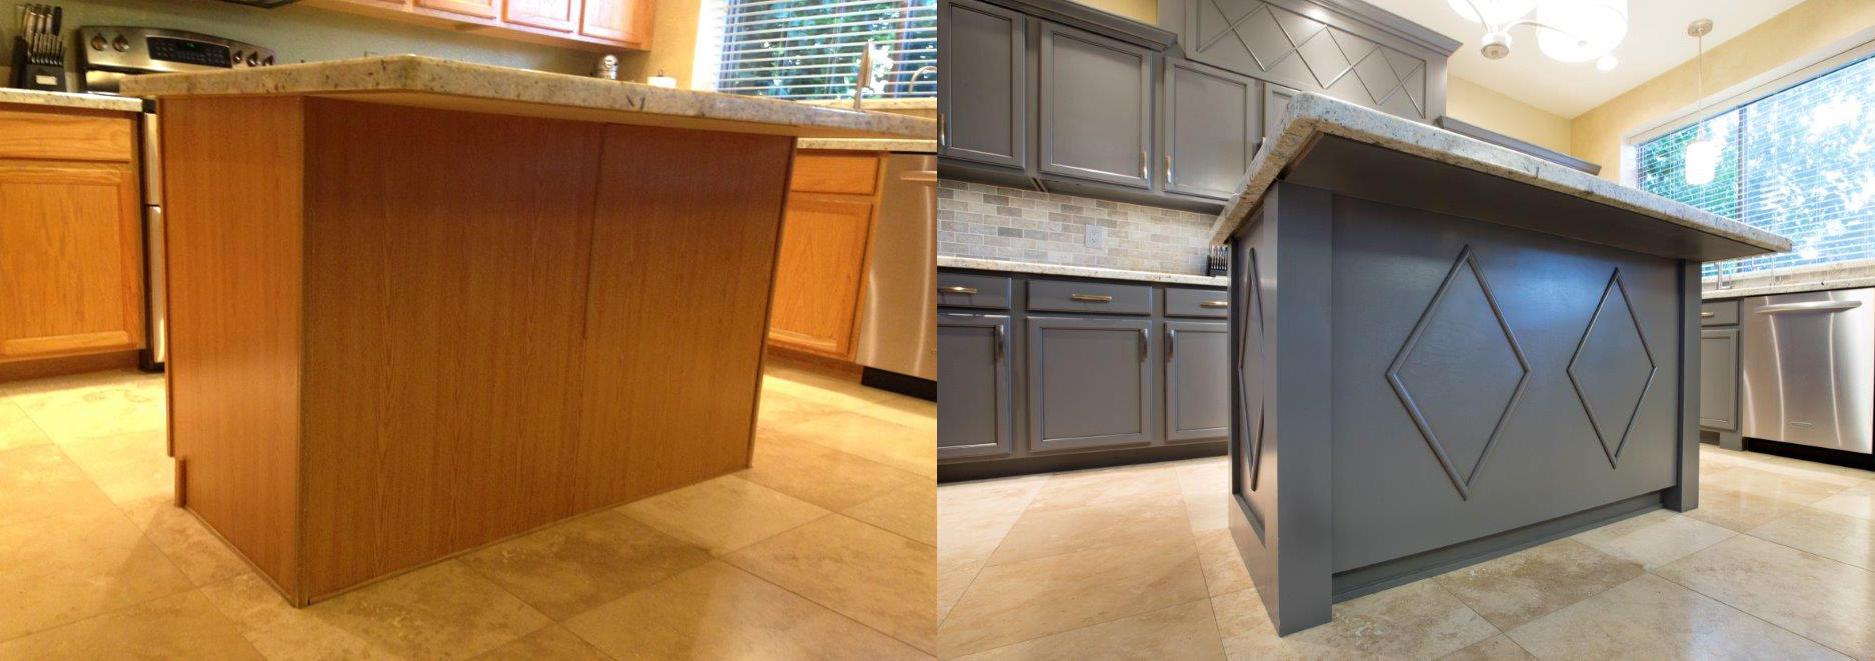 kitchen-cabinets-2-7